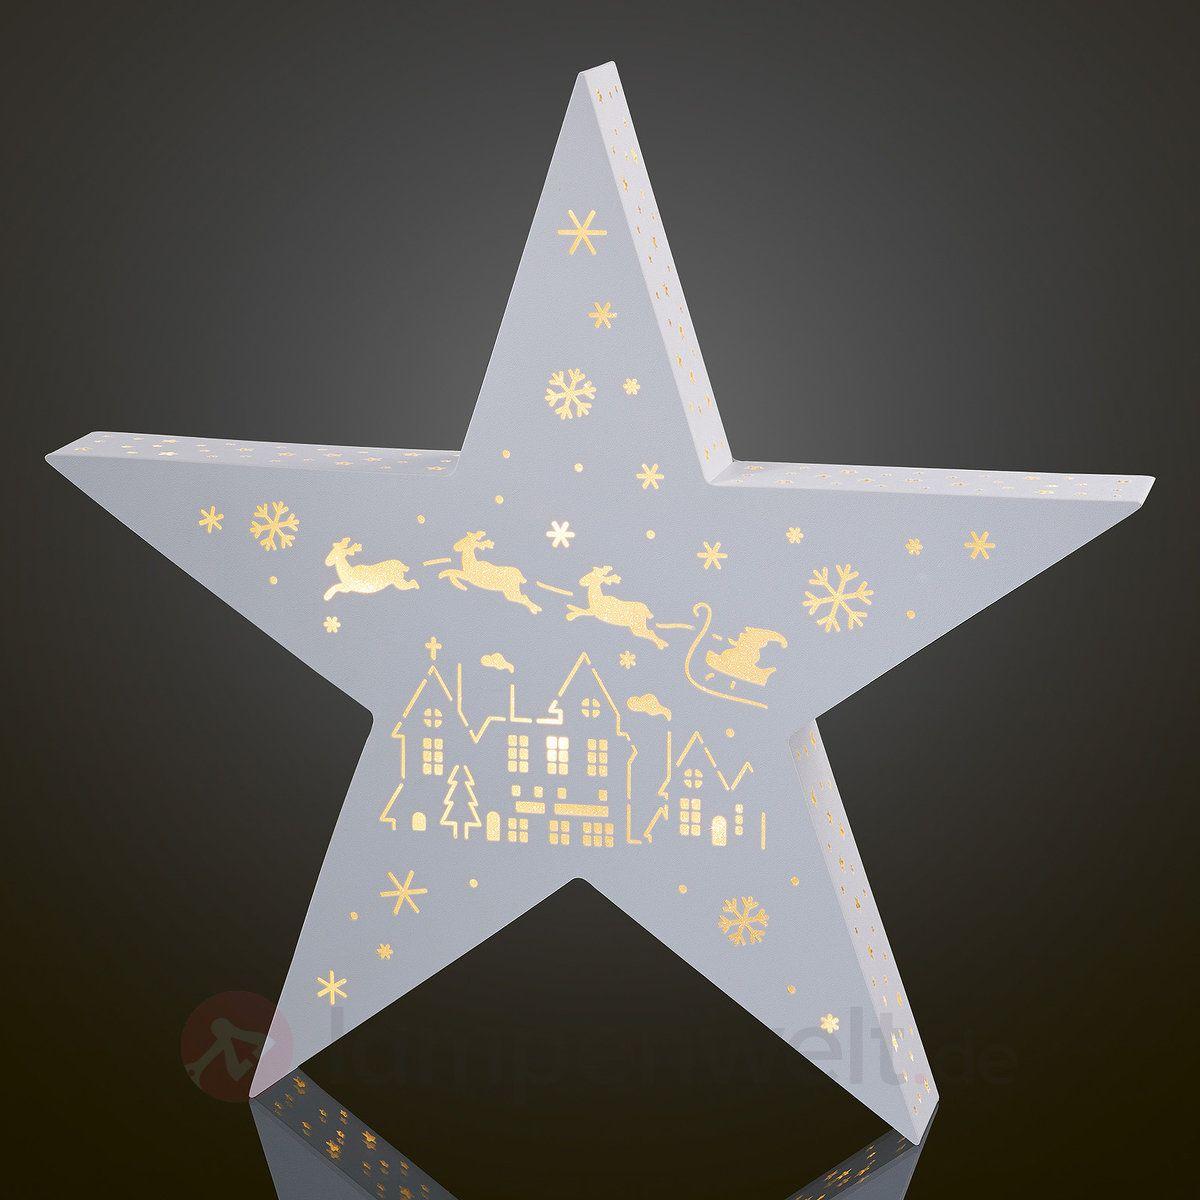 Weihnachtsbeleuchtung Schlitten.Holografie Stern Led Weihnachtsmann M Schlitten Sicher Bequem